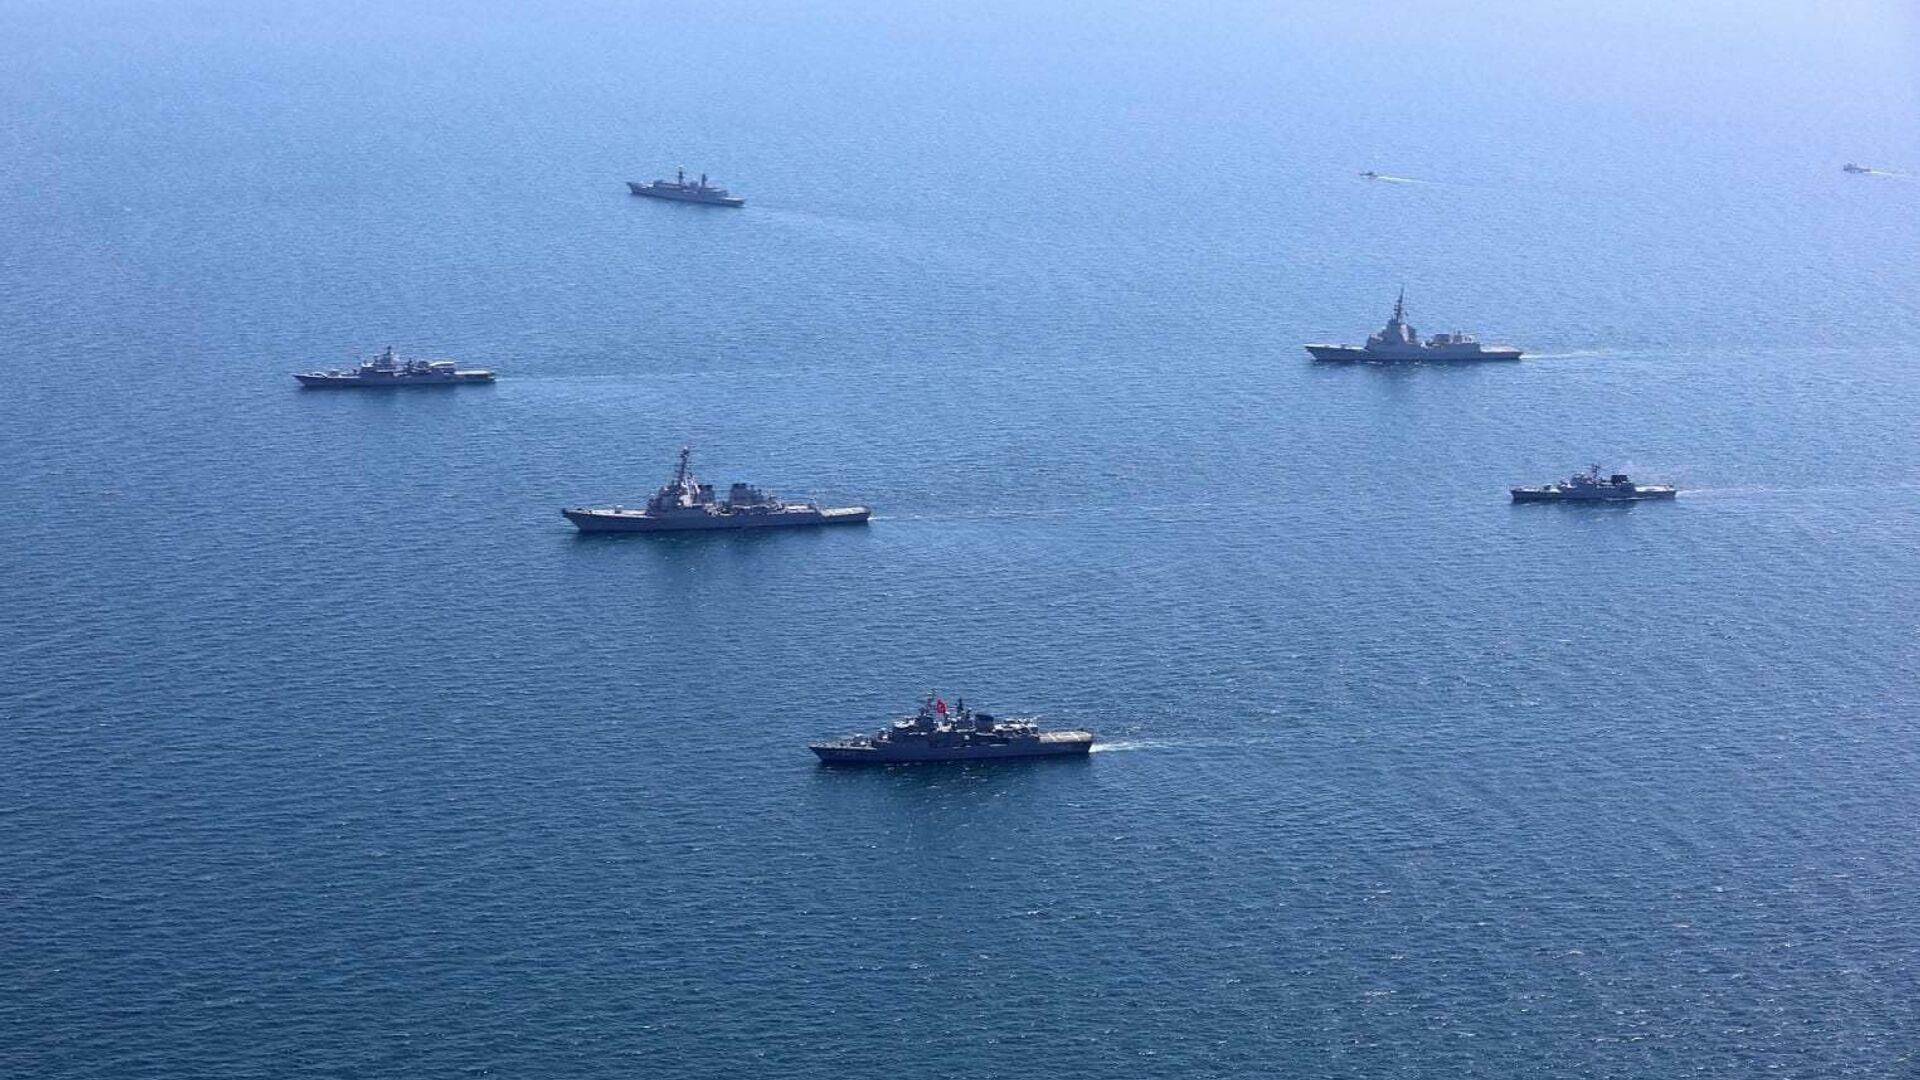 Учения стран НАТО и государств-партнеров Sea Breeze - 2020 в Черном море - РИА Новости, 1920, 07.07.2021